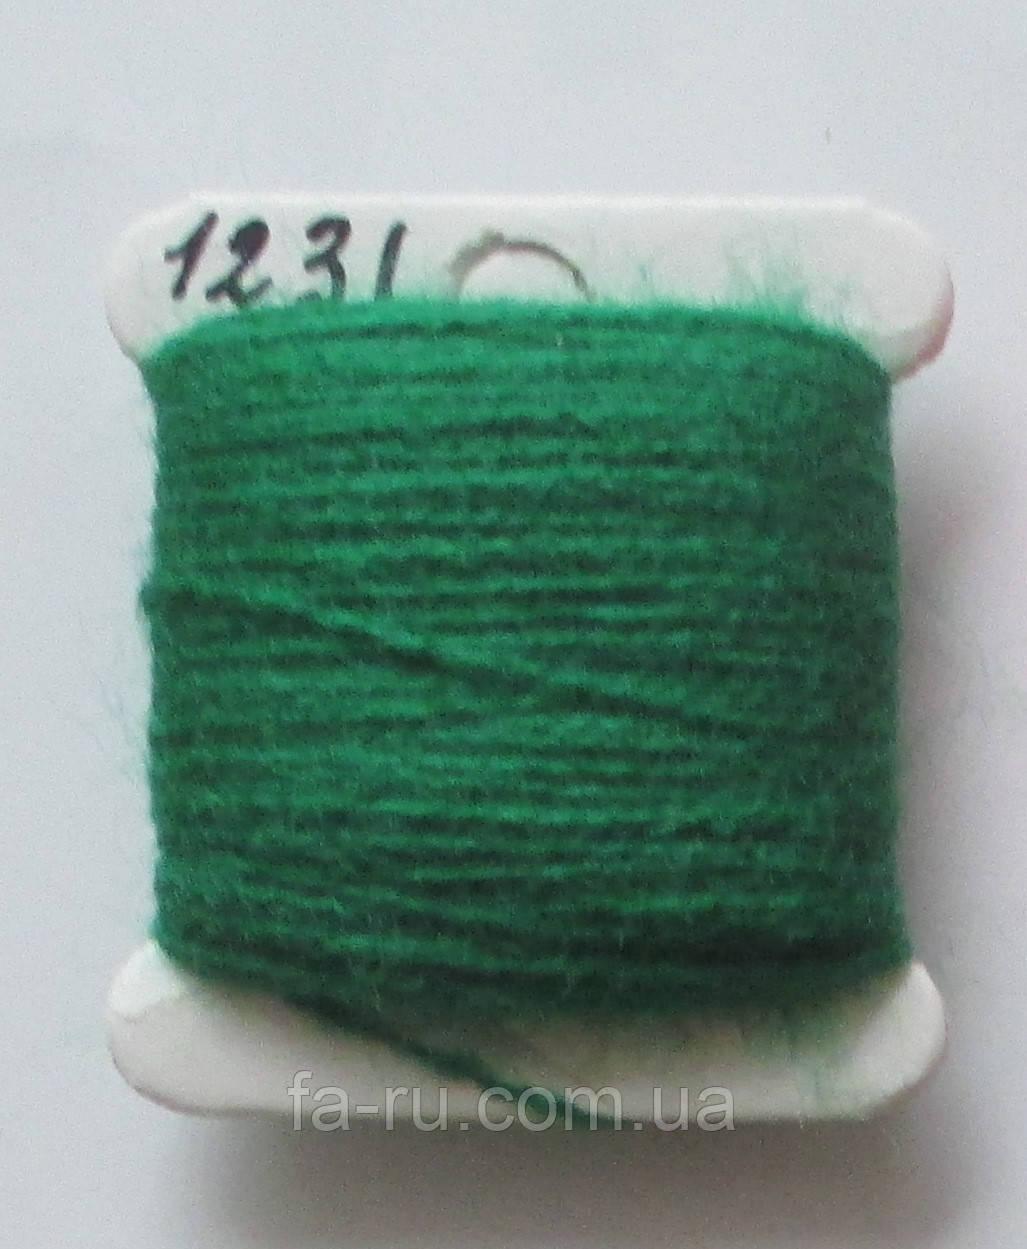 Акрил для вышивки: зелёный травяной